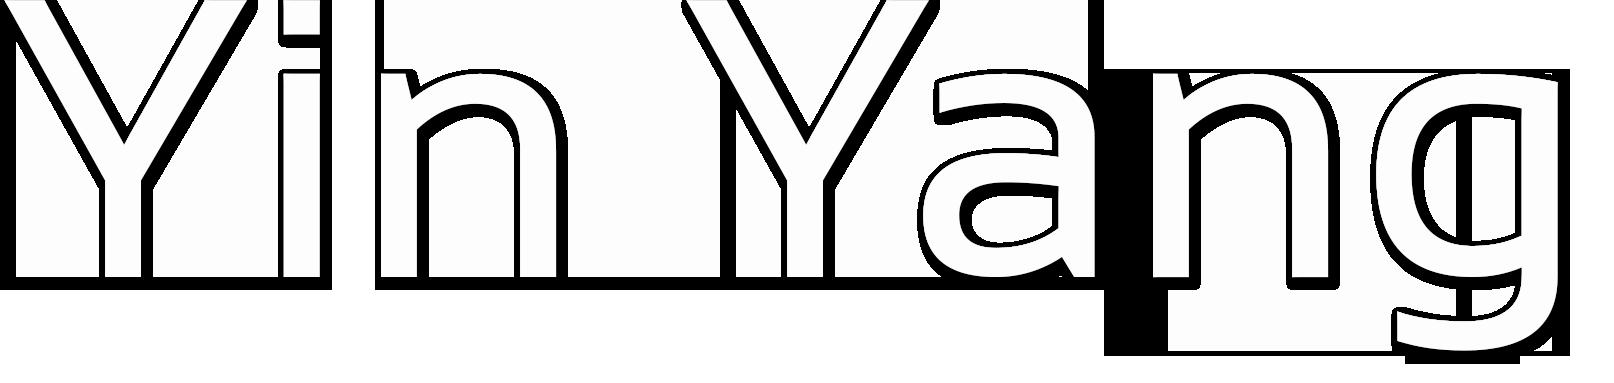 Yin yang mot